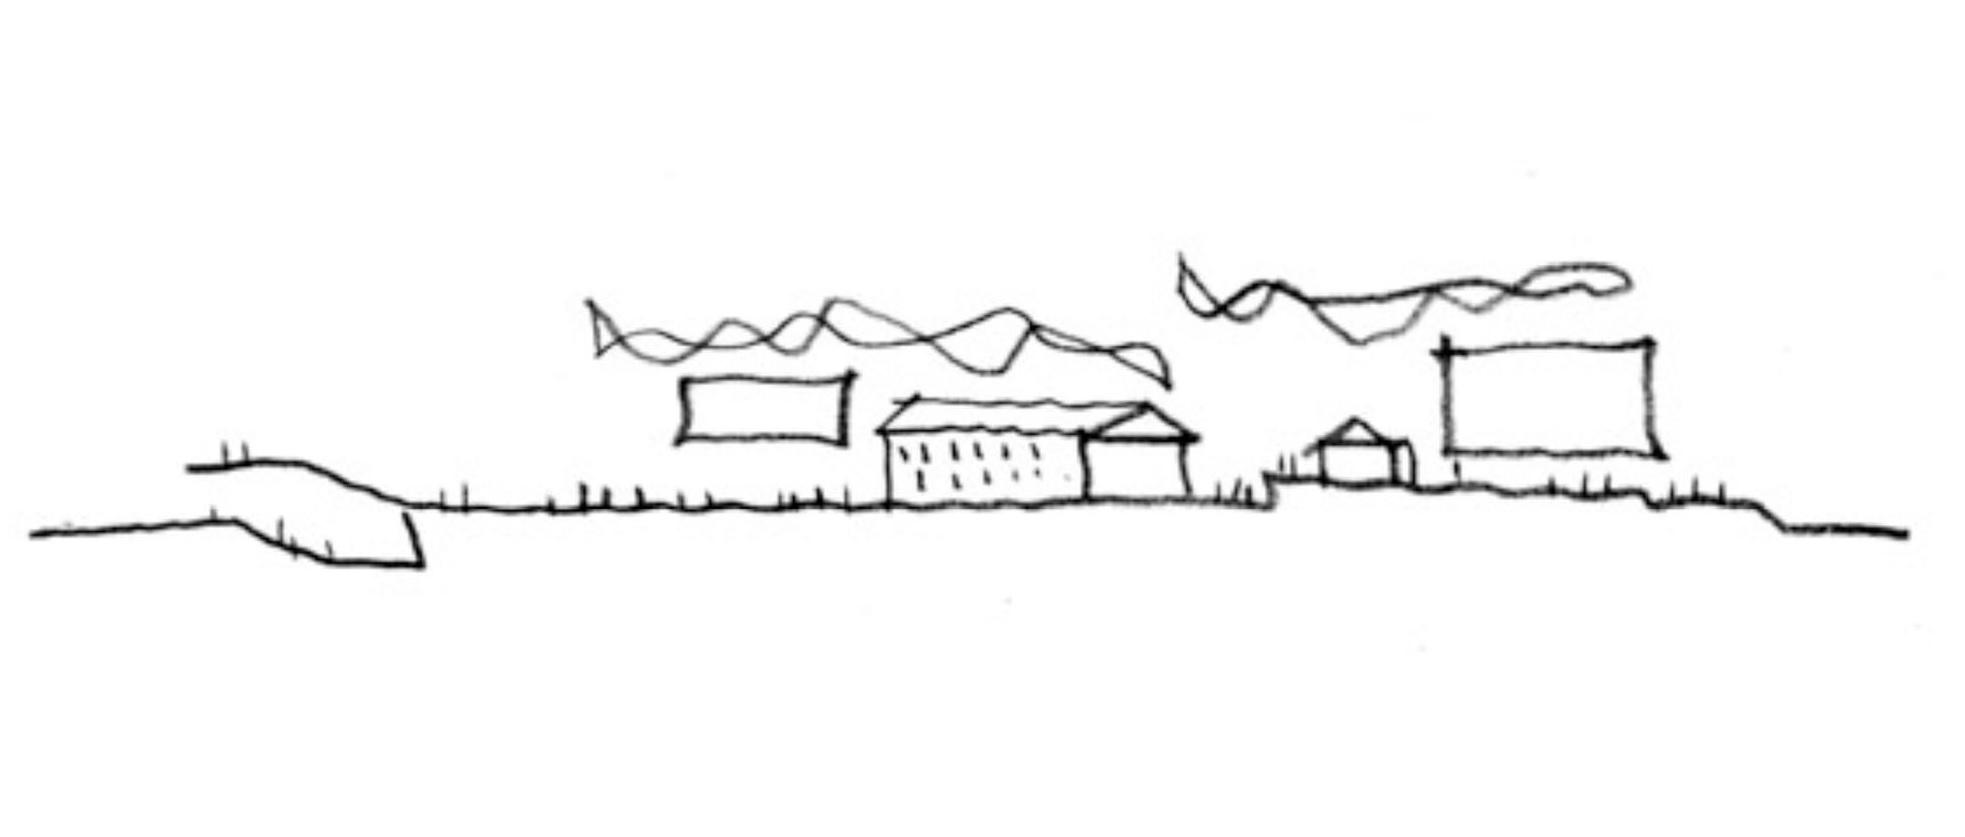 Cladirea muzeului Tazmanian - Cladirea muzeului Tazmanian - schite